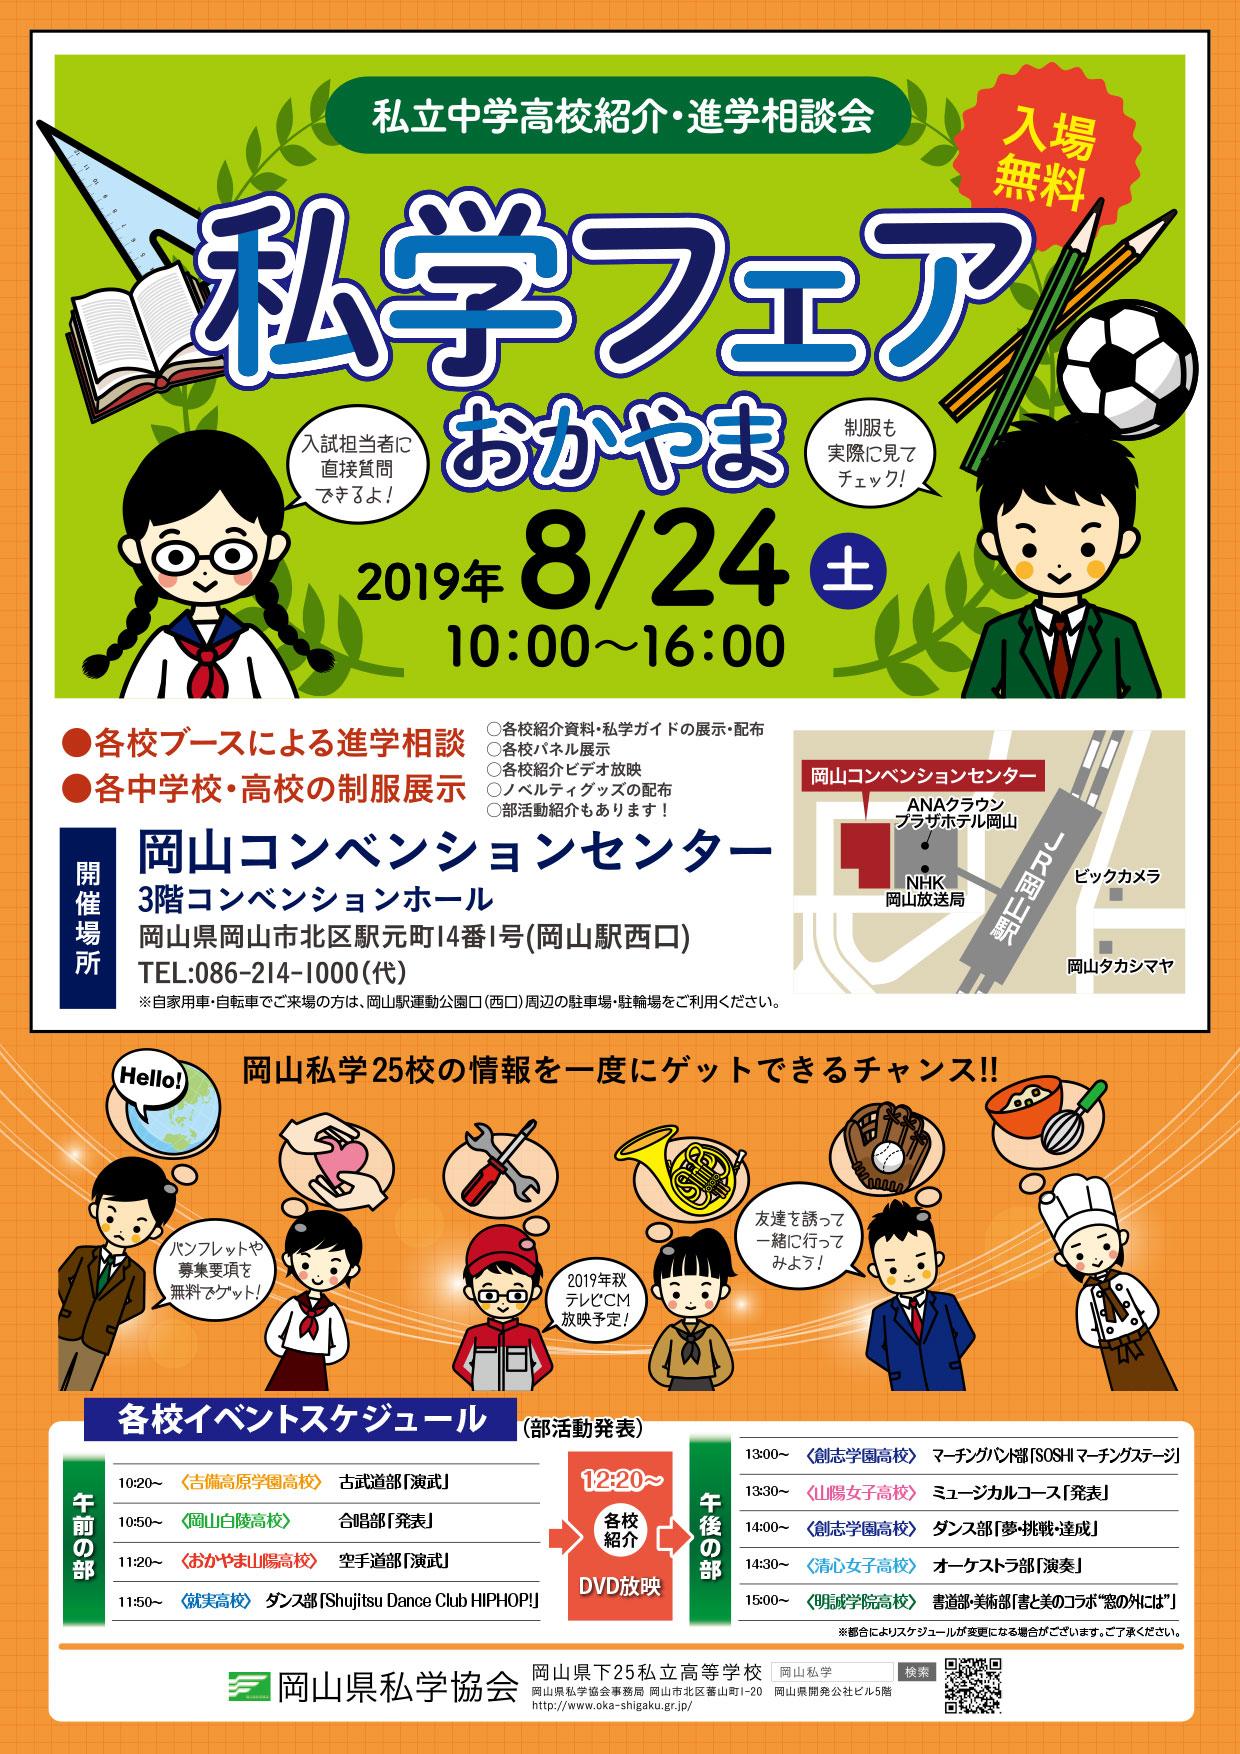 私立中学高校紹介・進学相談会2019「私学フェアおかやま」